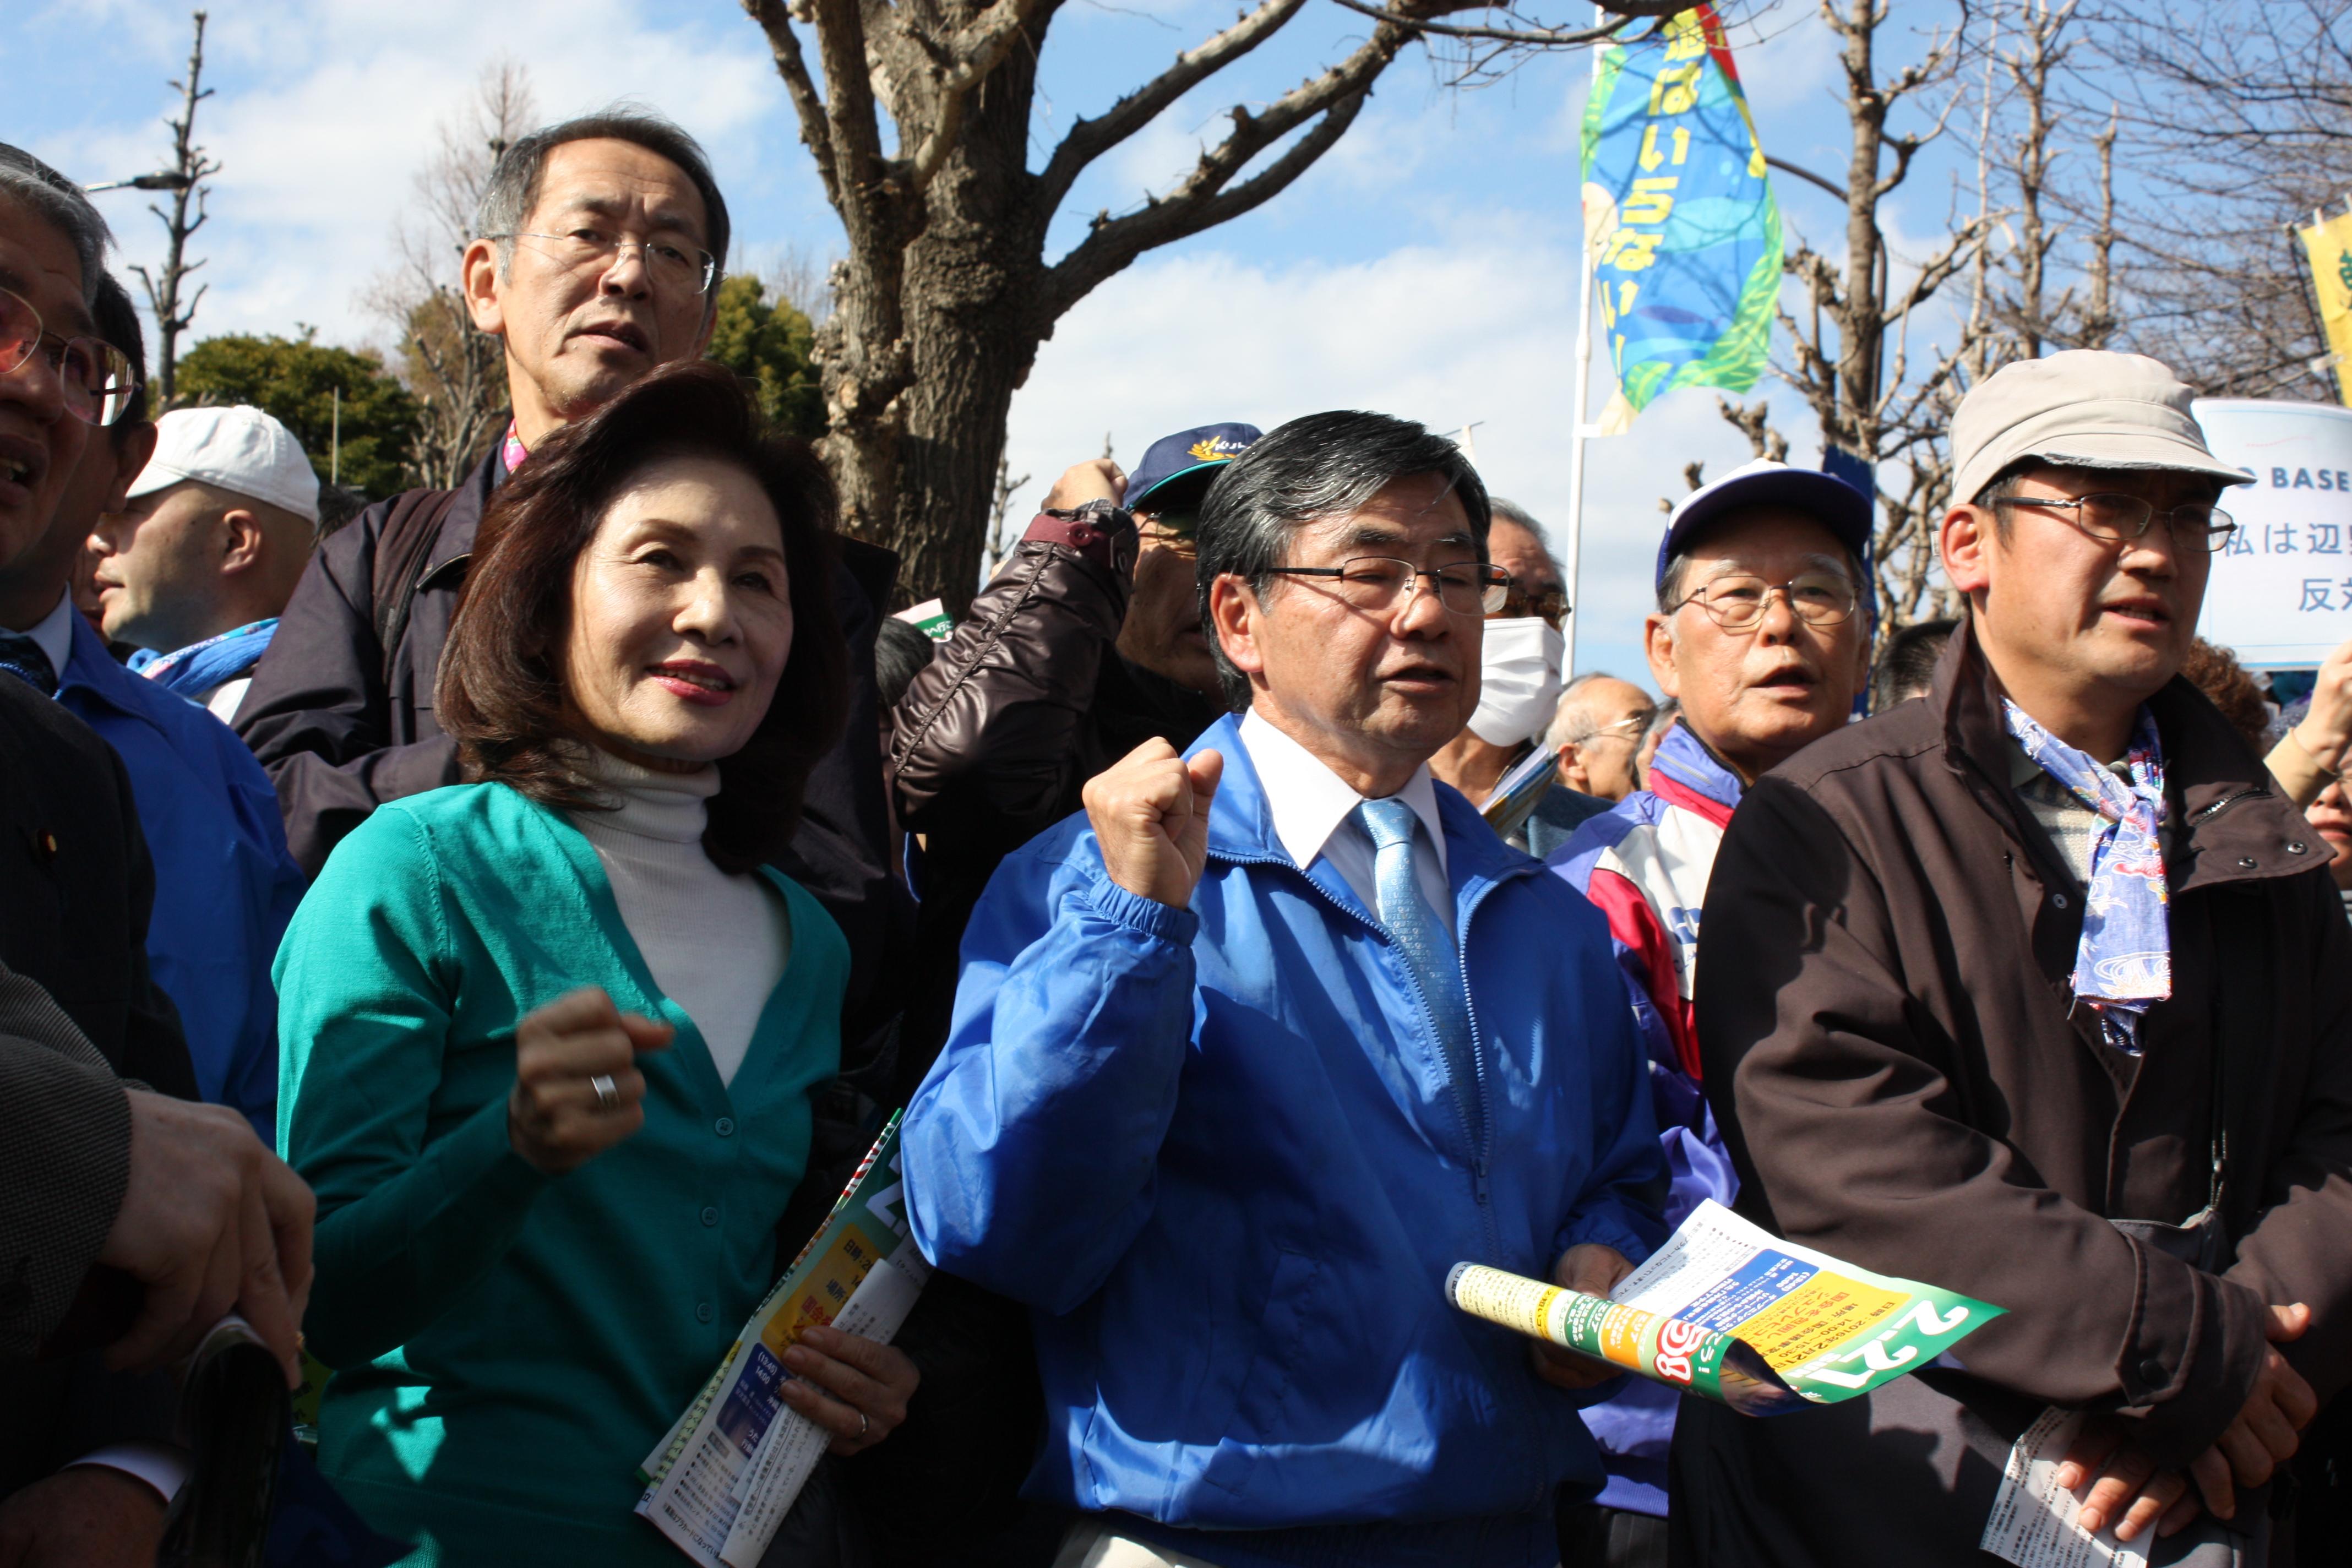 稲嶺進・名護市長と沖縄選出国会議員たち(2・21辺野古新基地建設に反対する国会大包囲行動で)